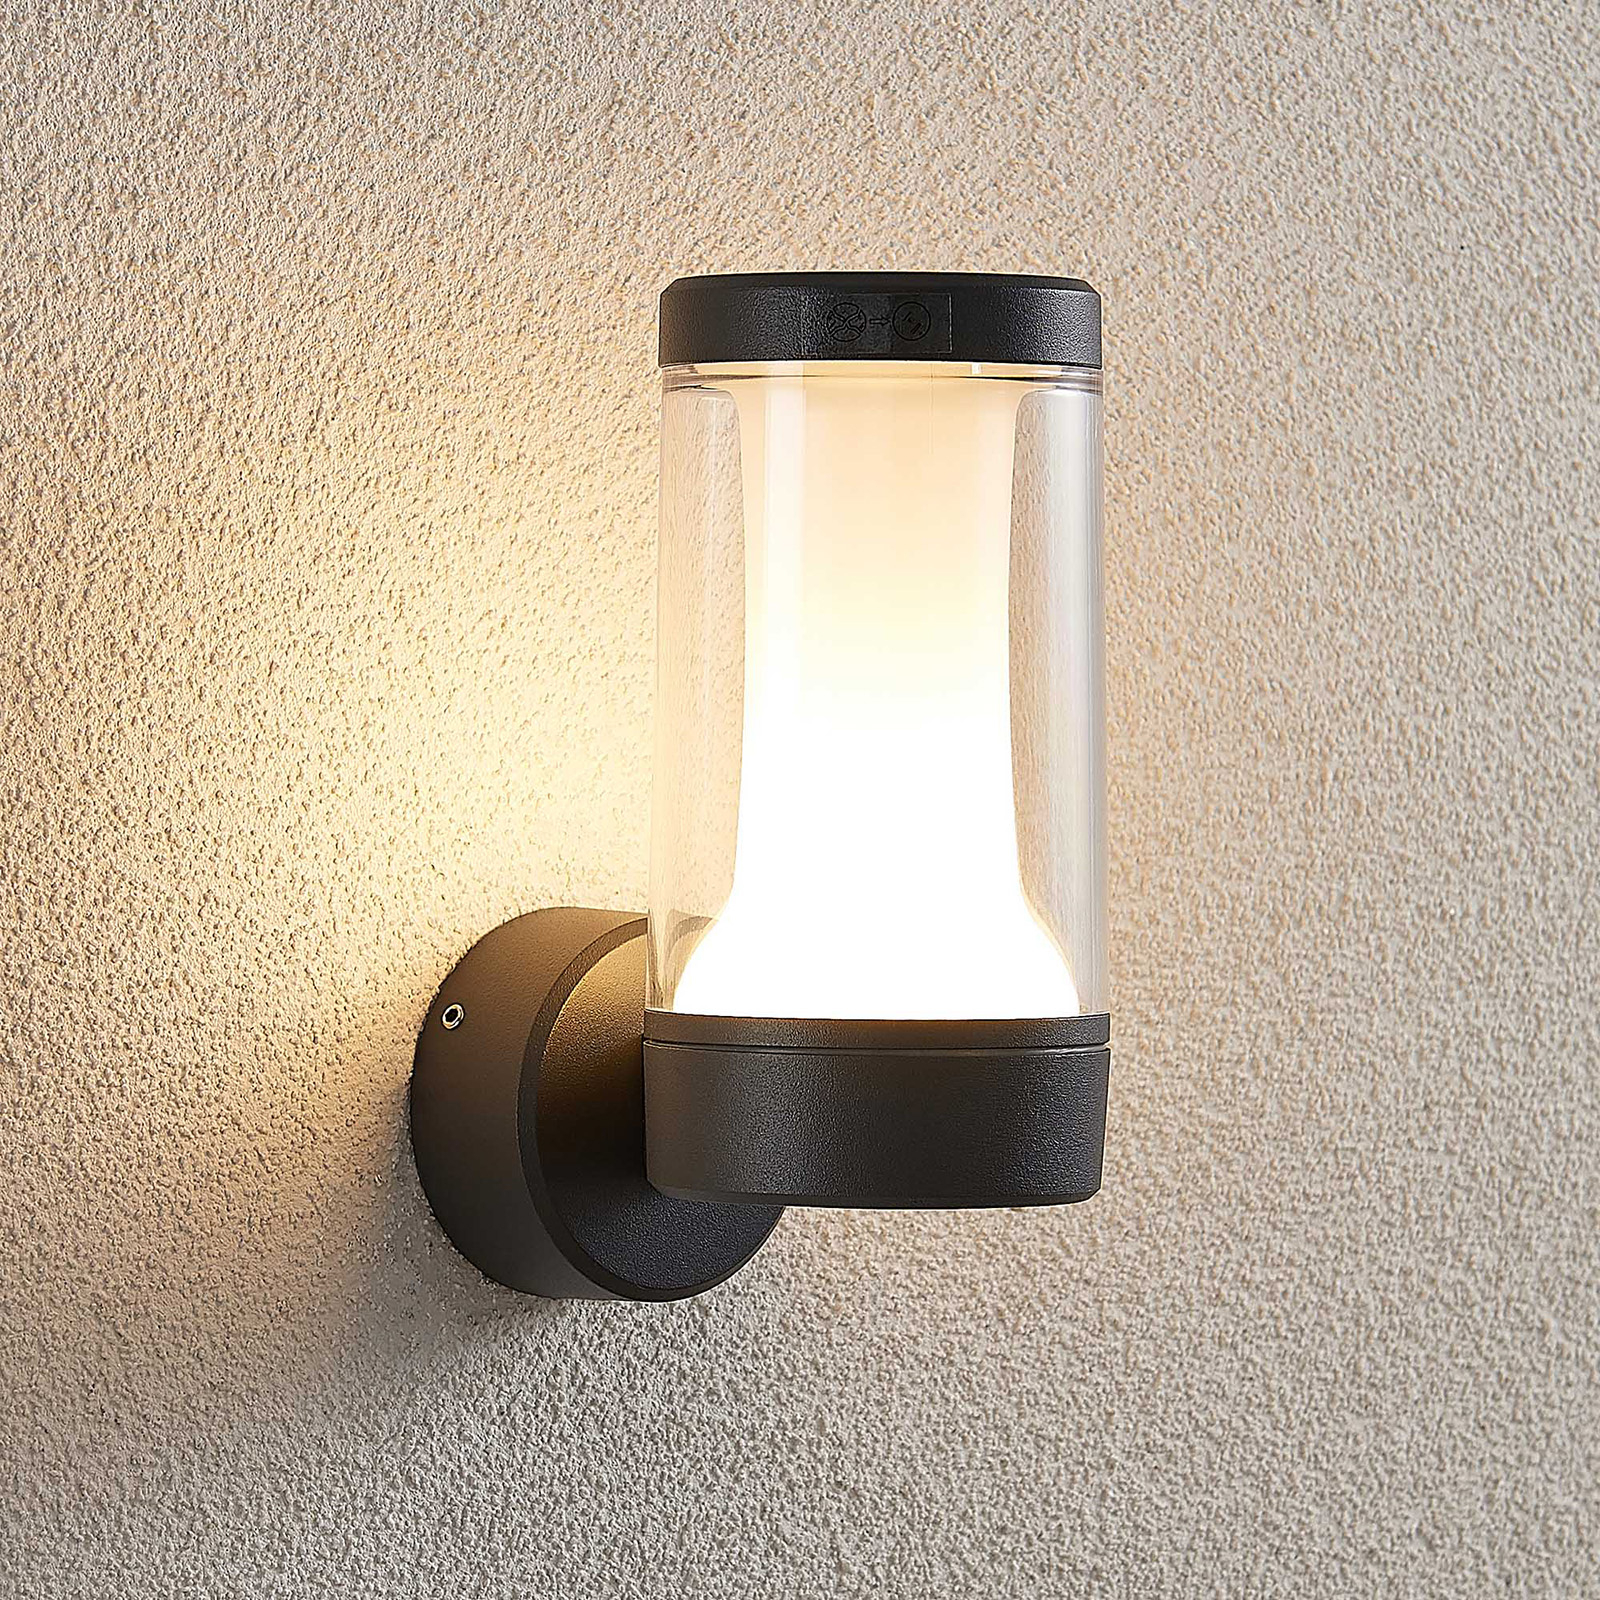 Lampenwelt.com 9969092 Venkovní nástěnná svítidla